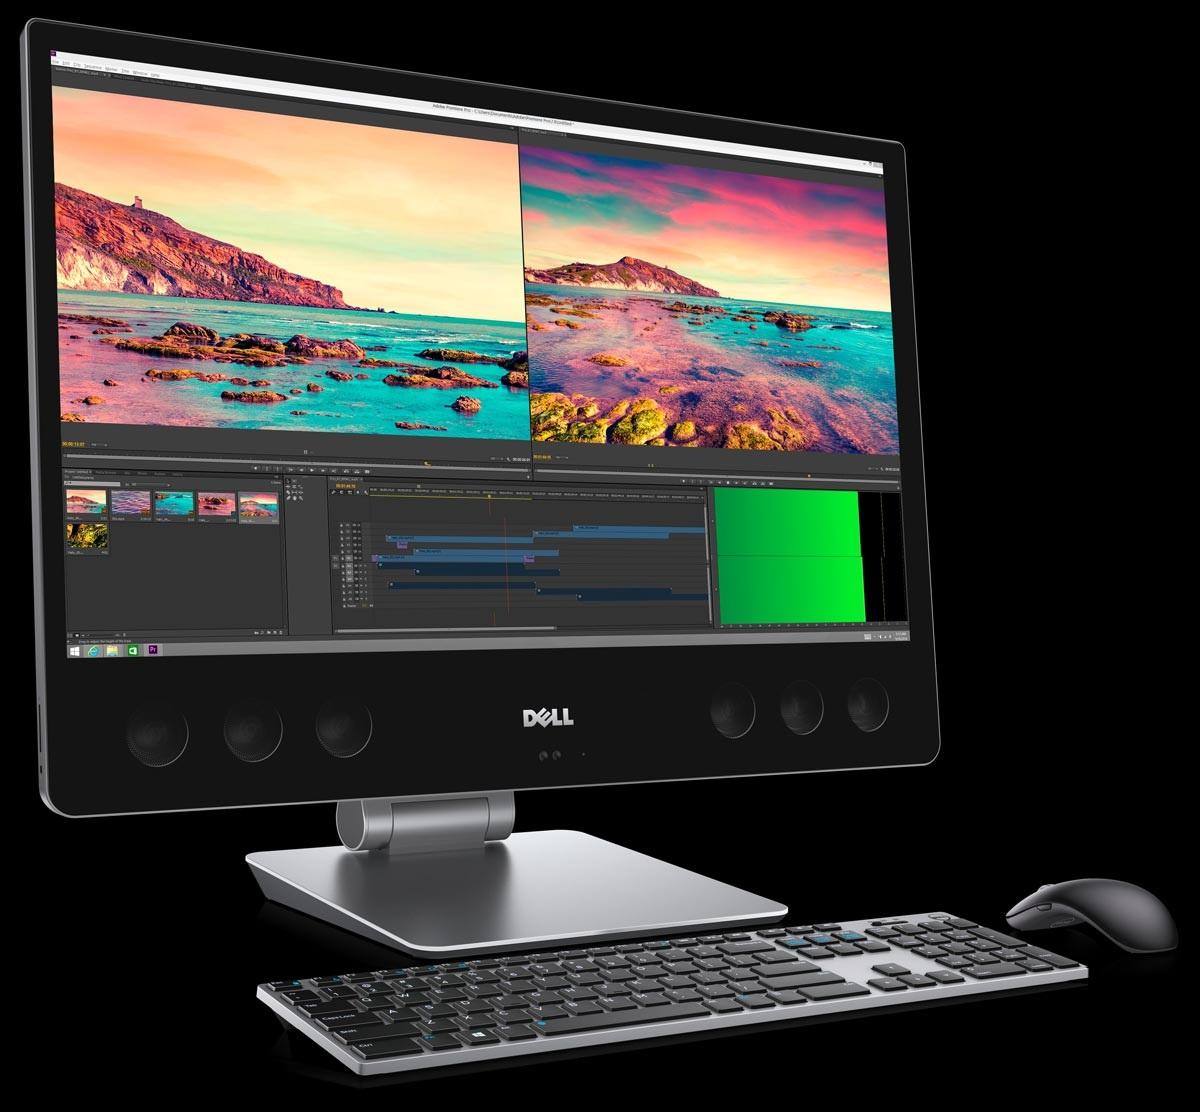 Dell Precision 5720; All In One